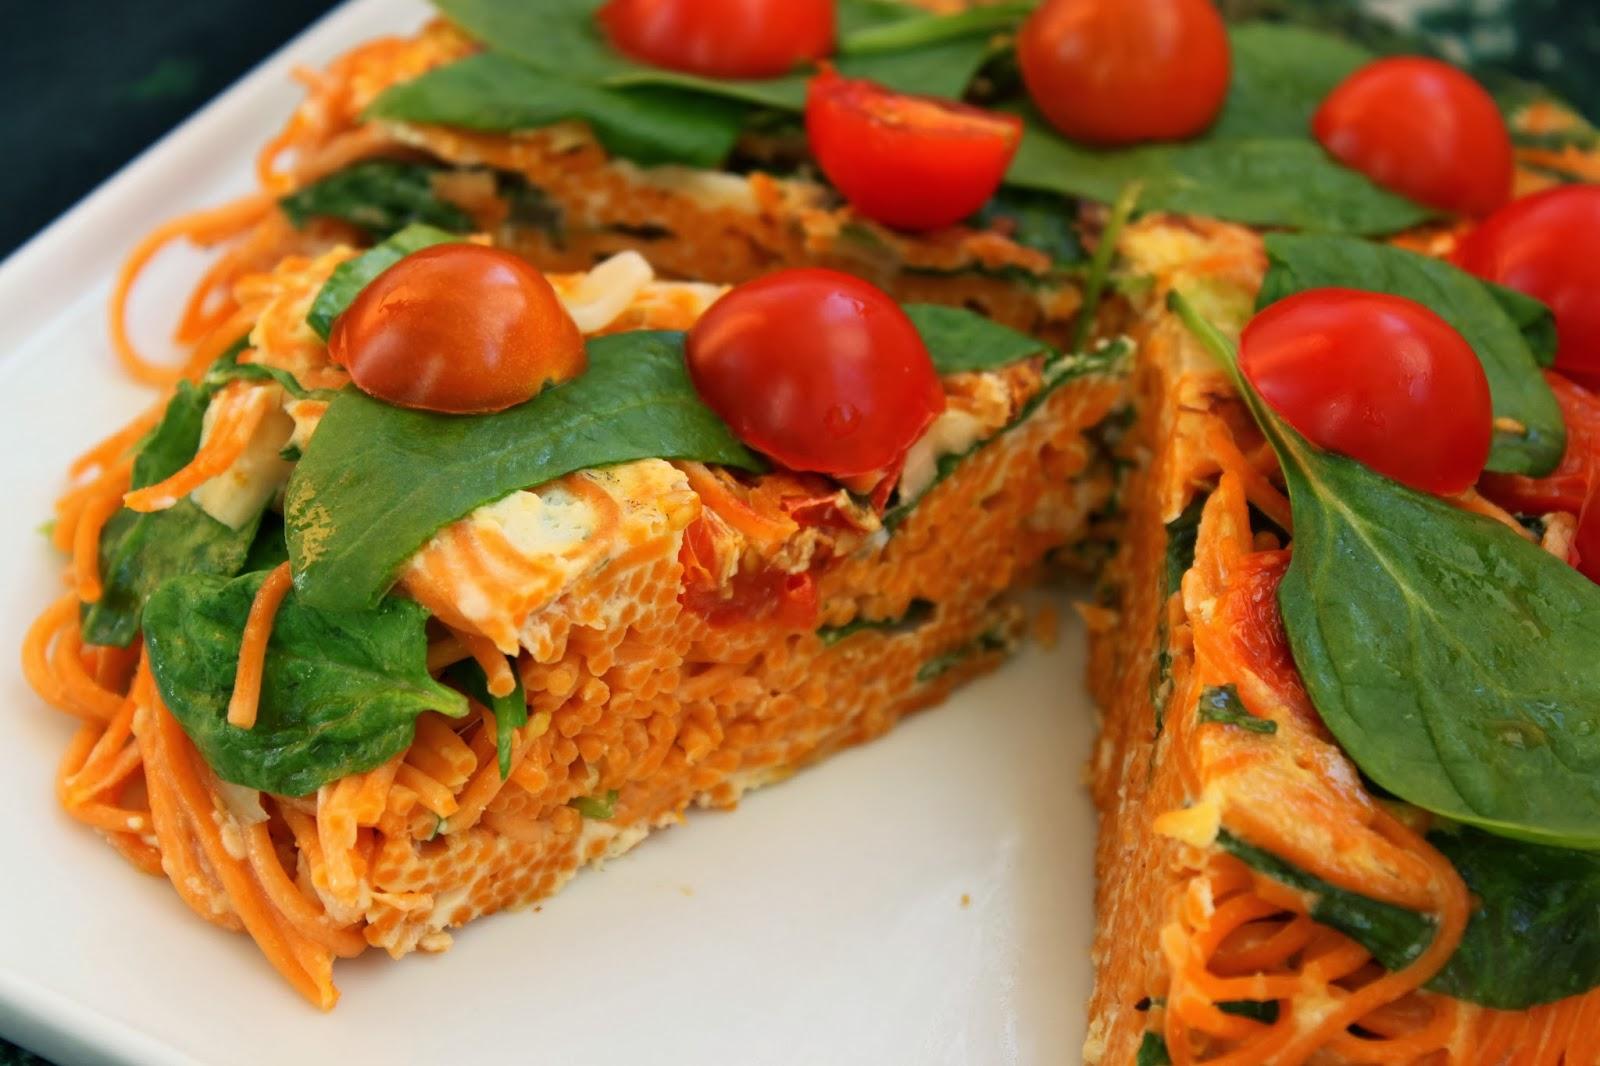 Hiszpański pastel, czyli makaronowy placek z pomidorami i szpinakiem